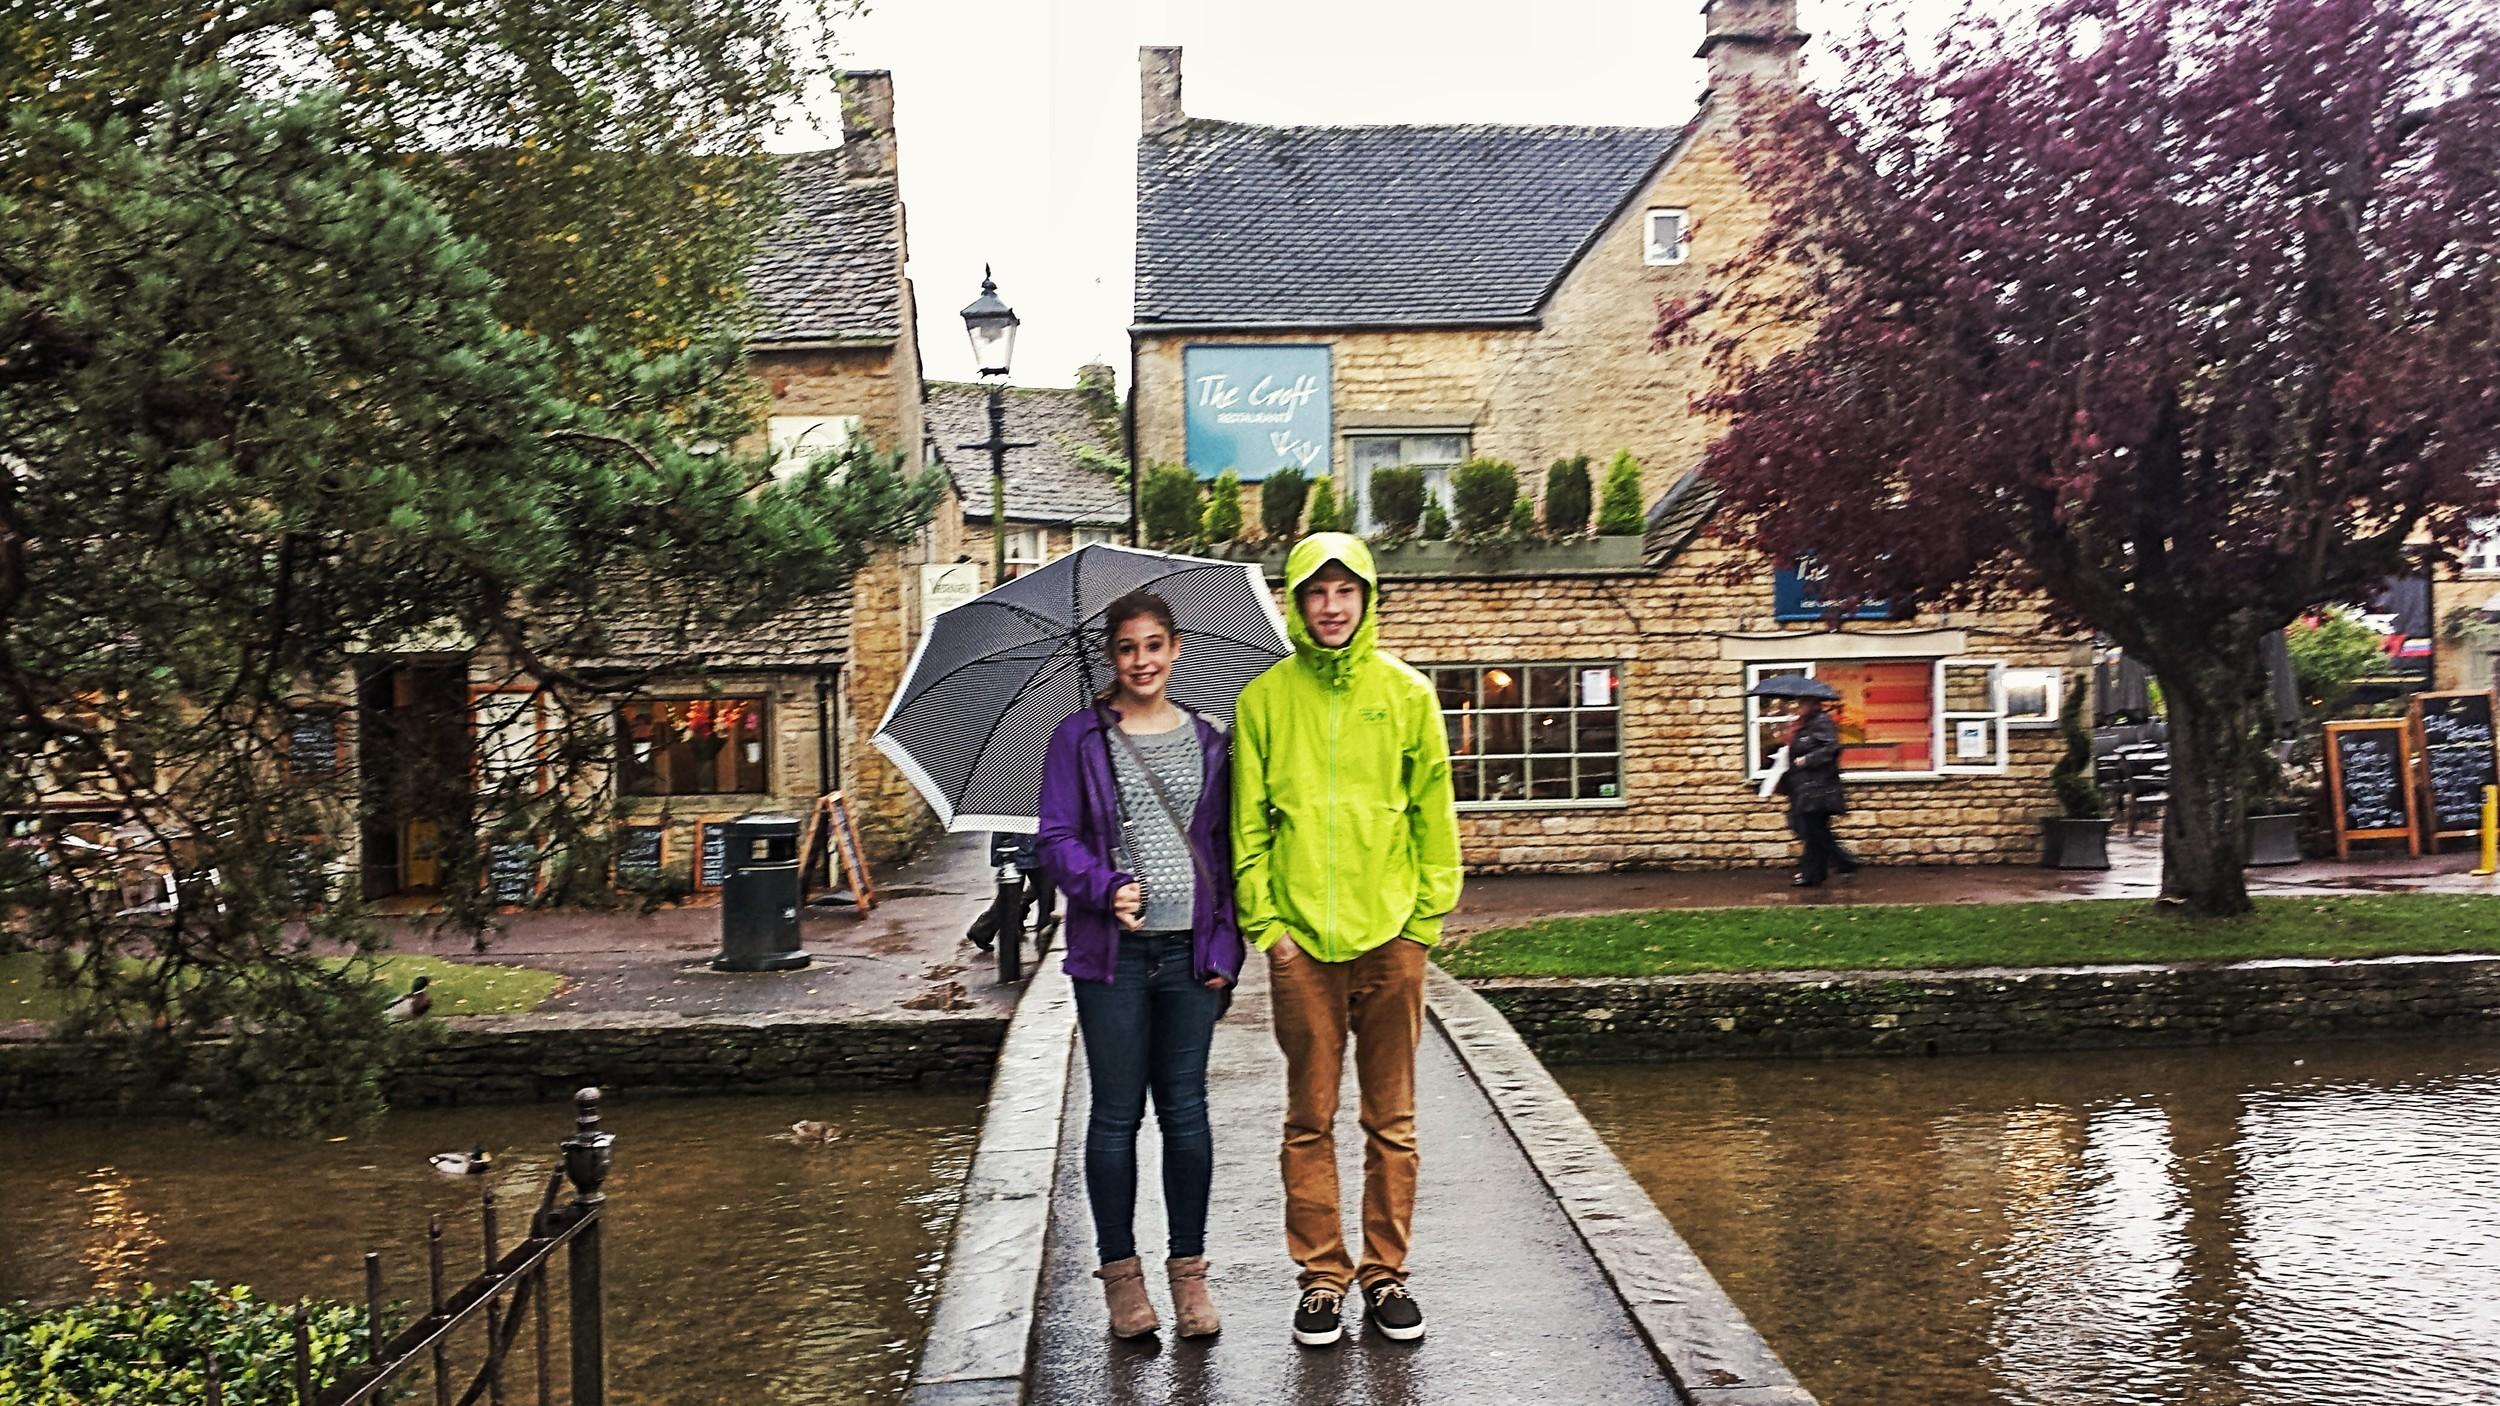 In Burton on the Water - in the rain